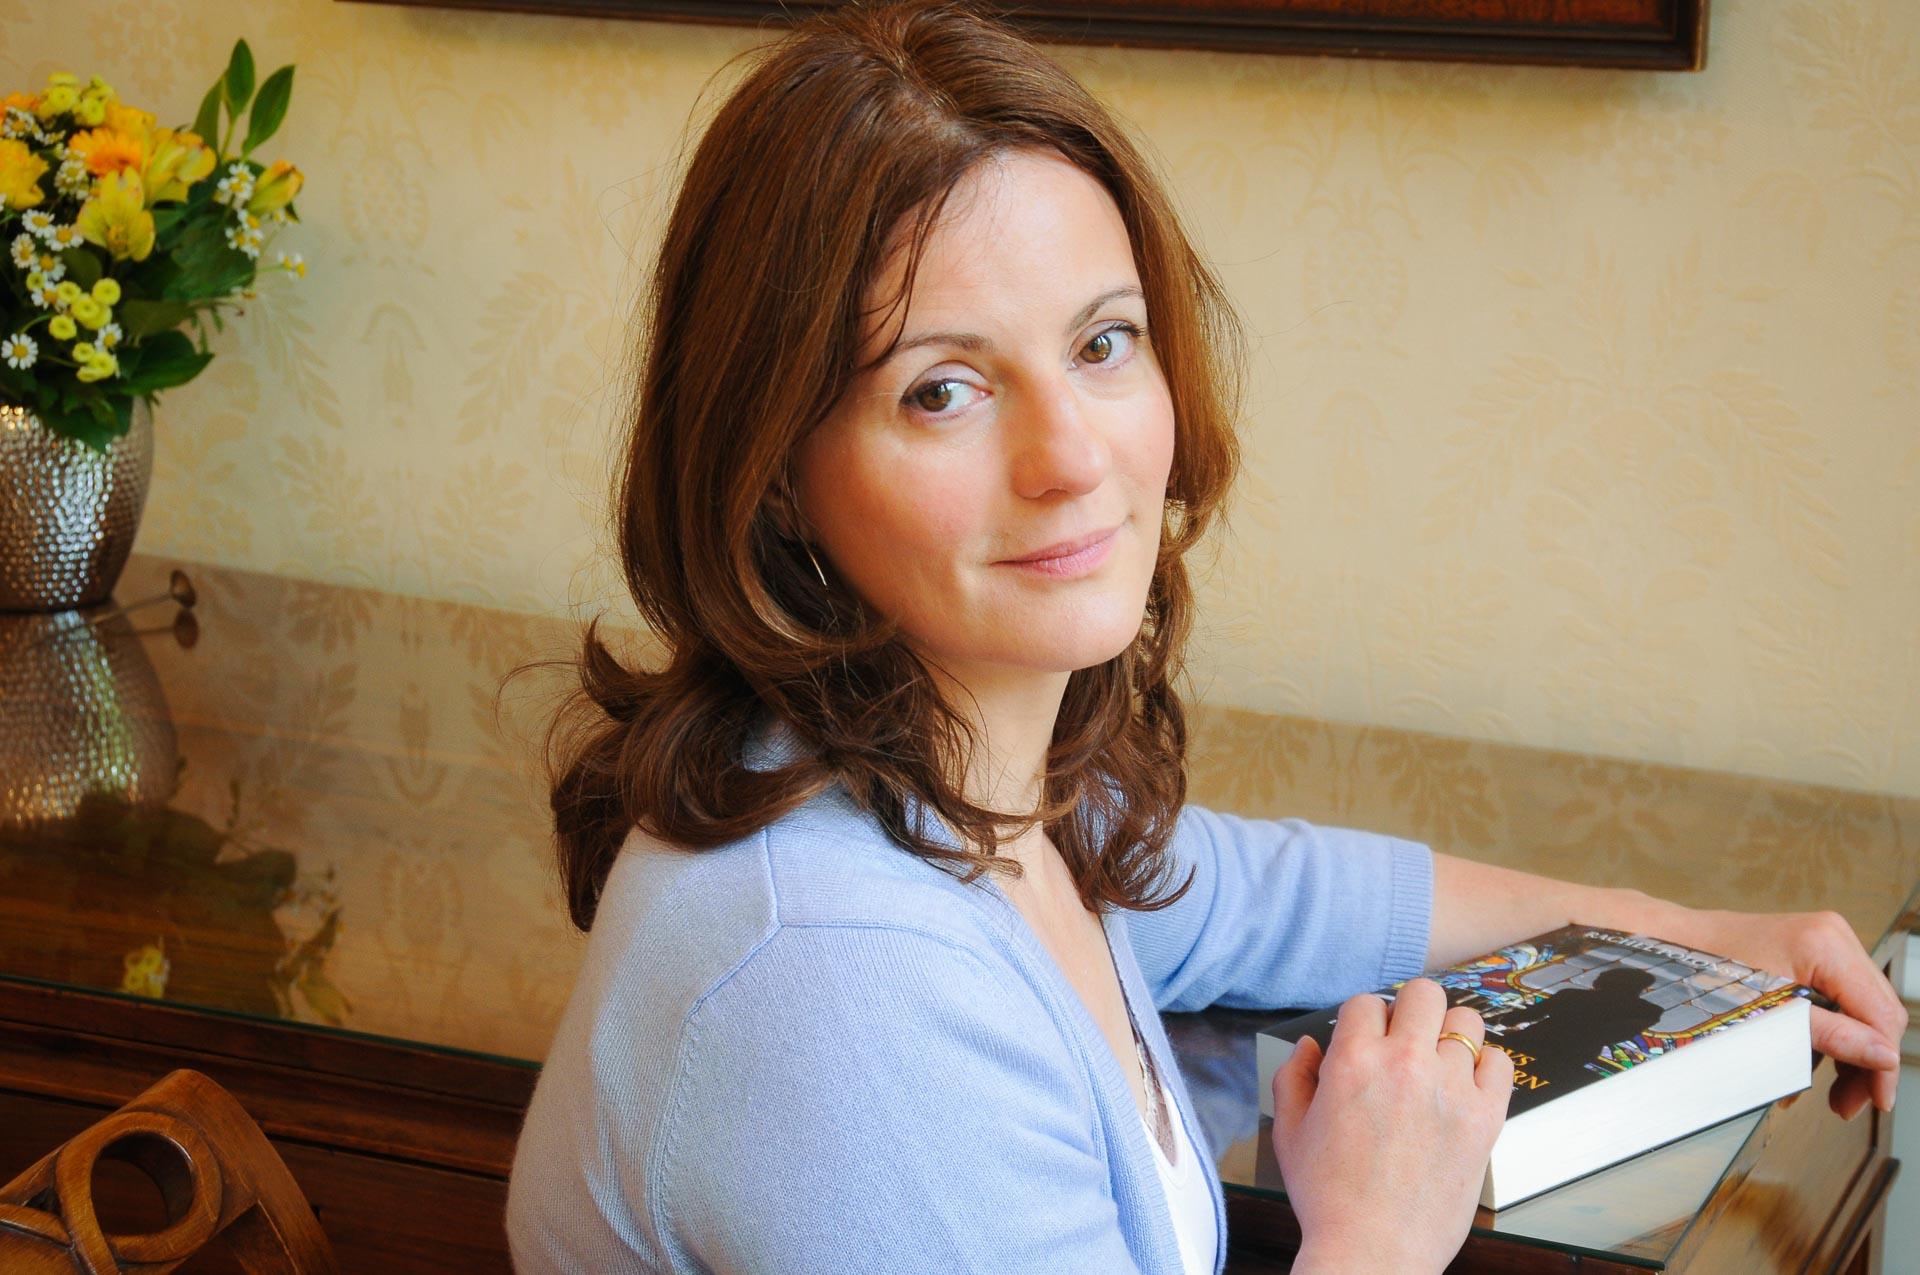 Rachel Polonski